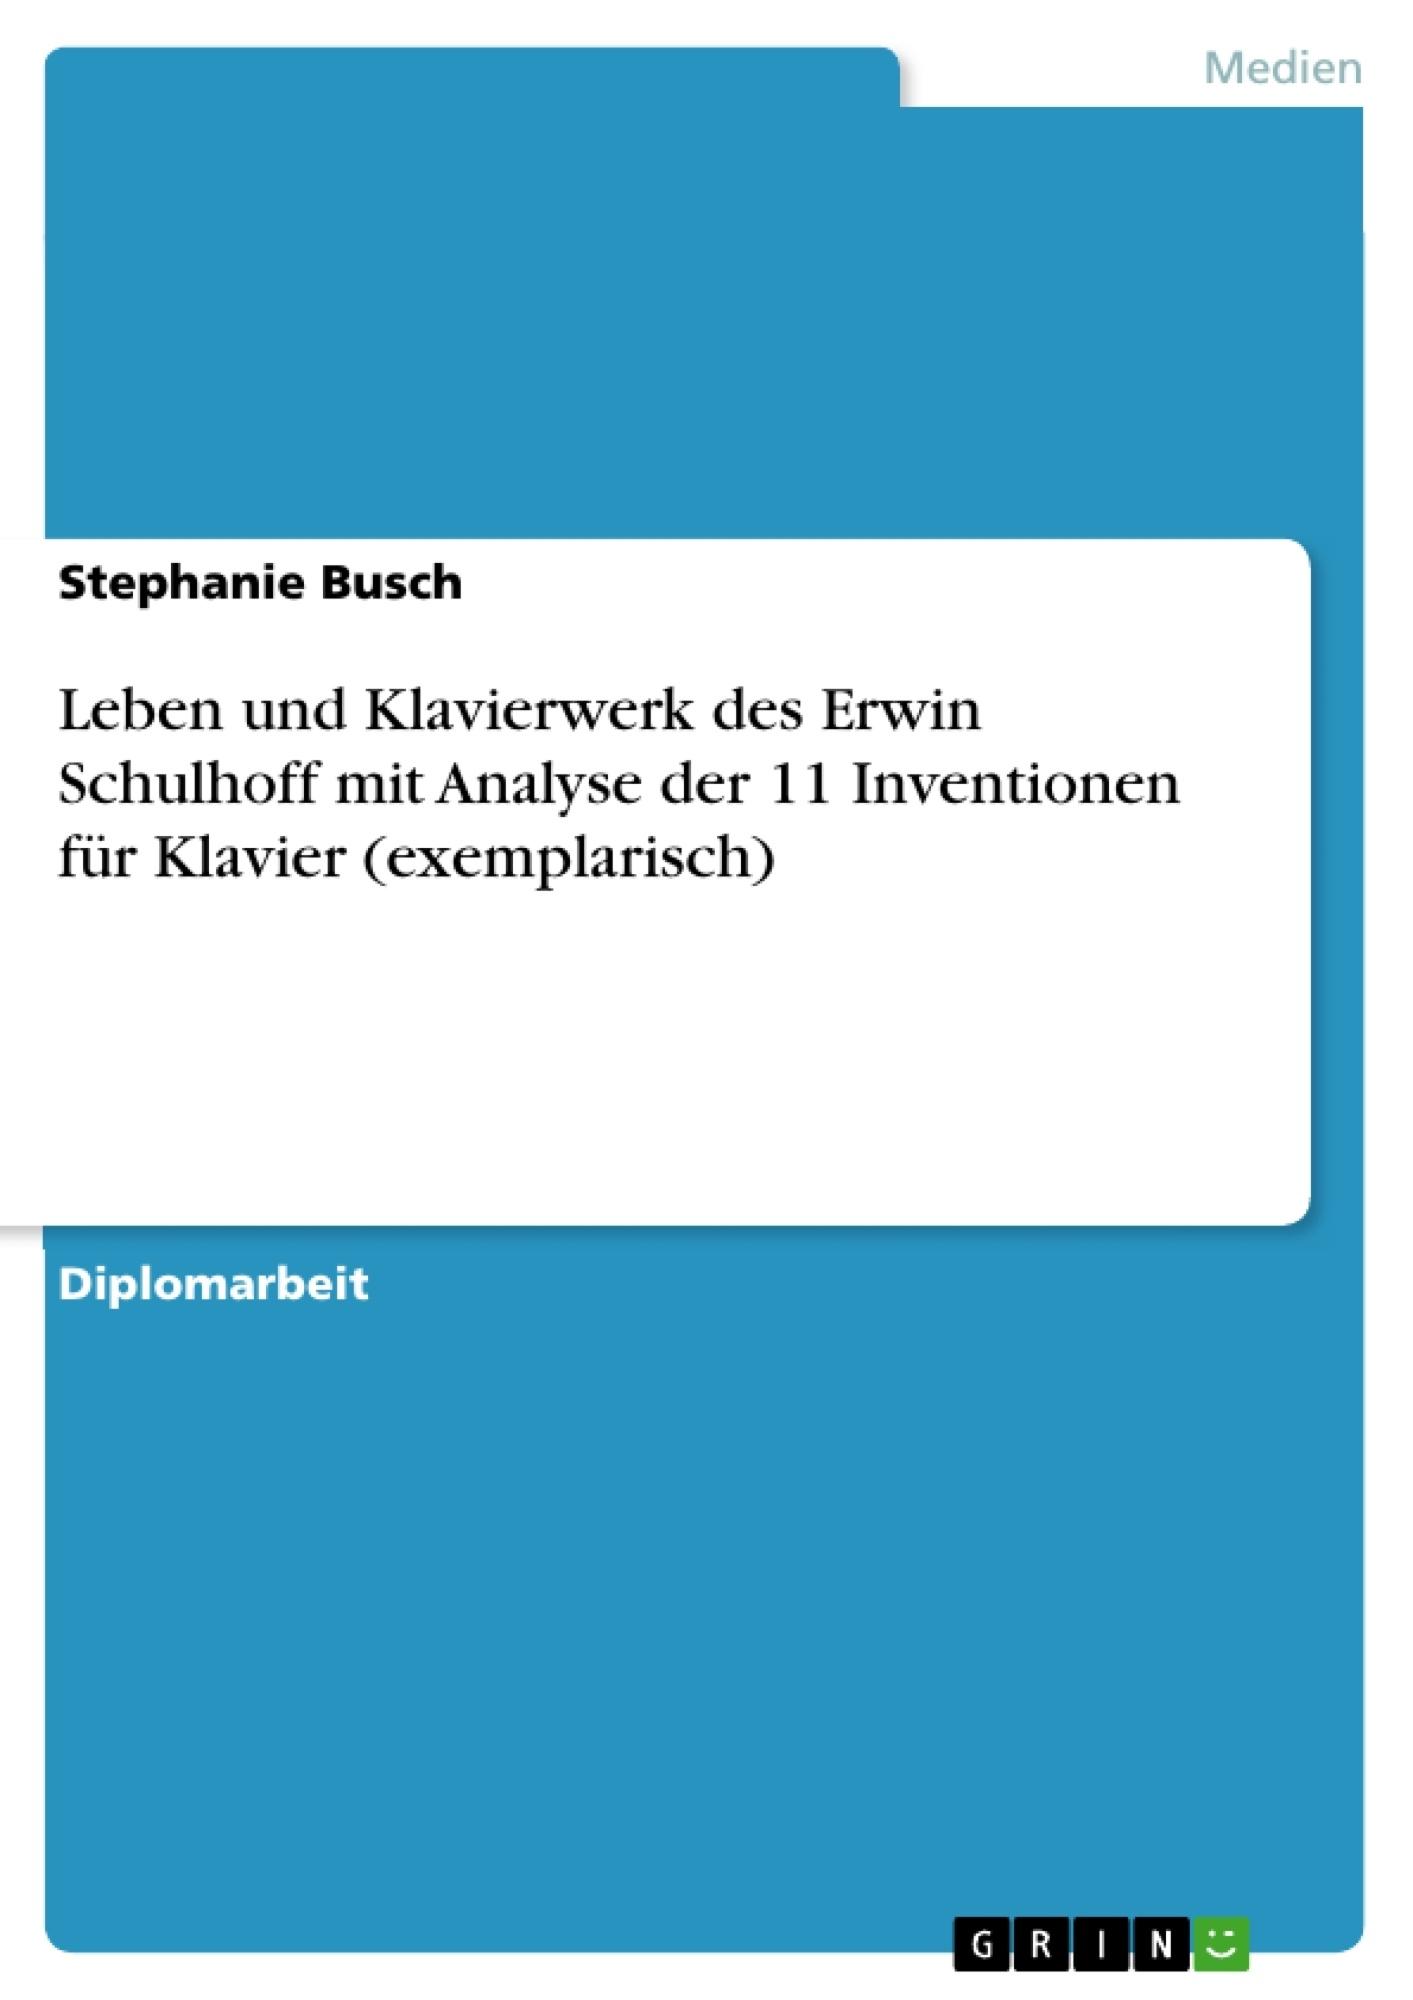 Titel: Leben und Klavierwerk des Erwin Schulhoff mit Analyse der 11 Inventionen für Klavier (exemplarisch)